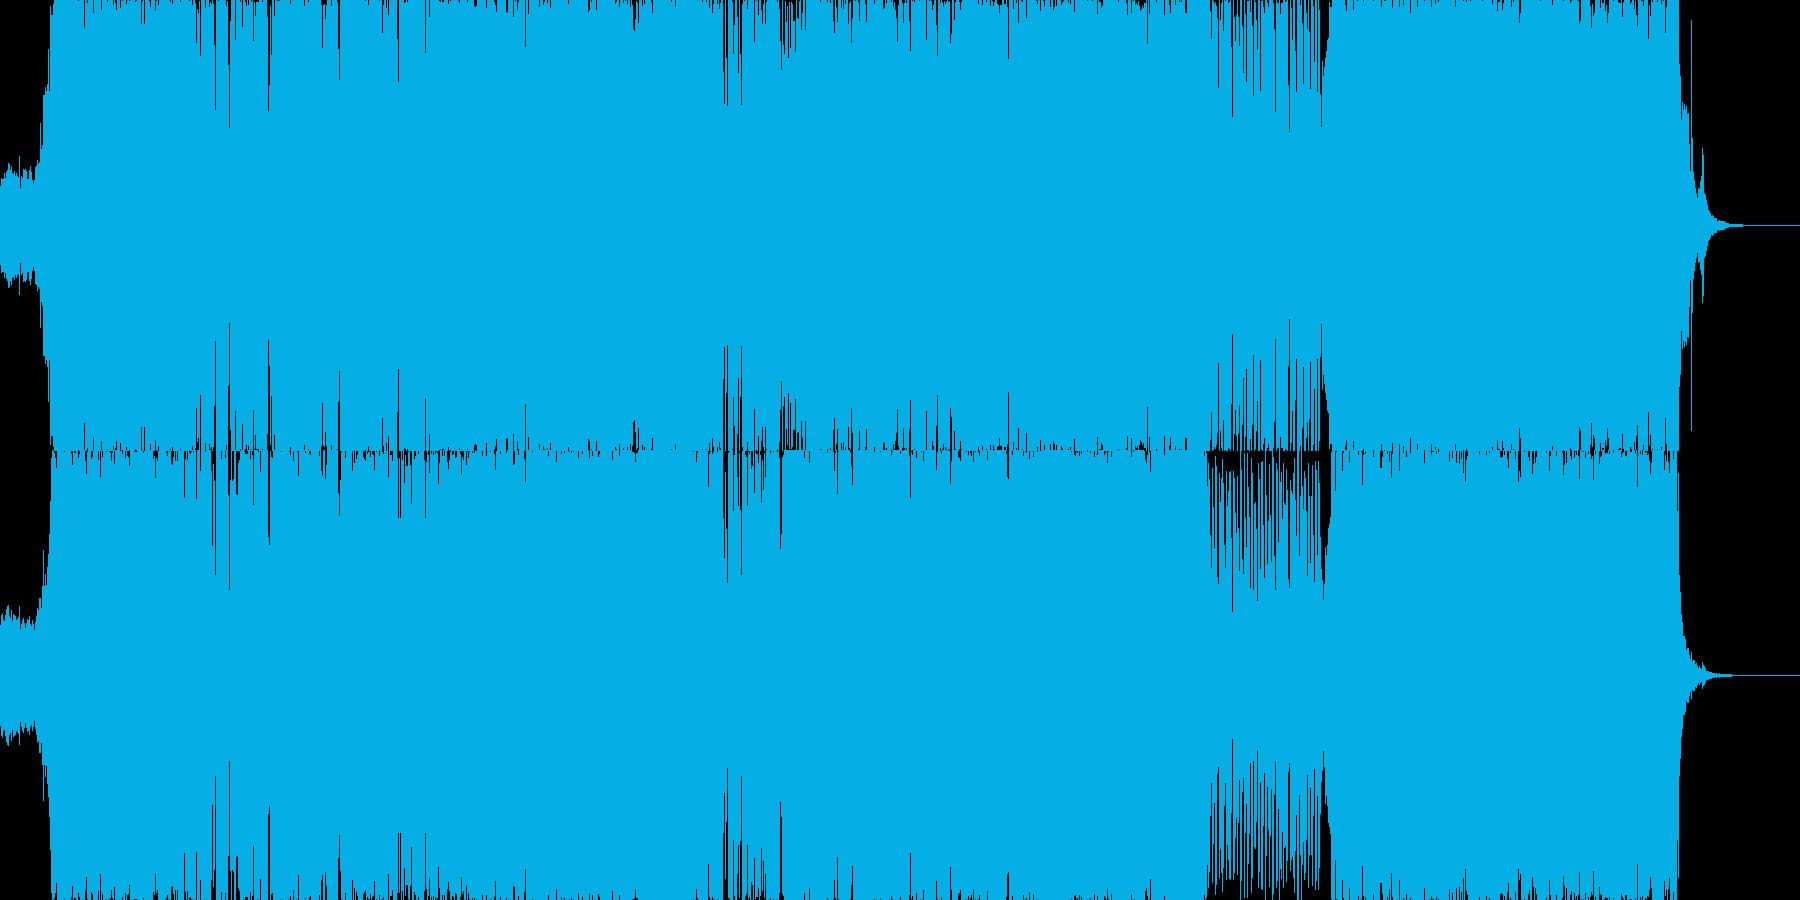 女性ボーカルのEDMウェディングソングの再生済みの波形